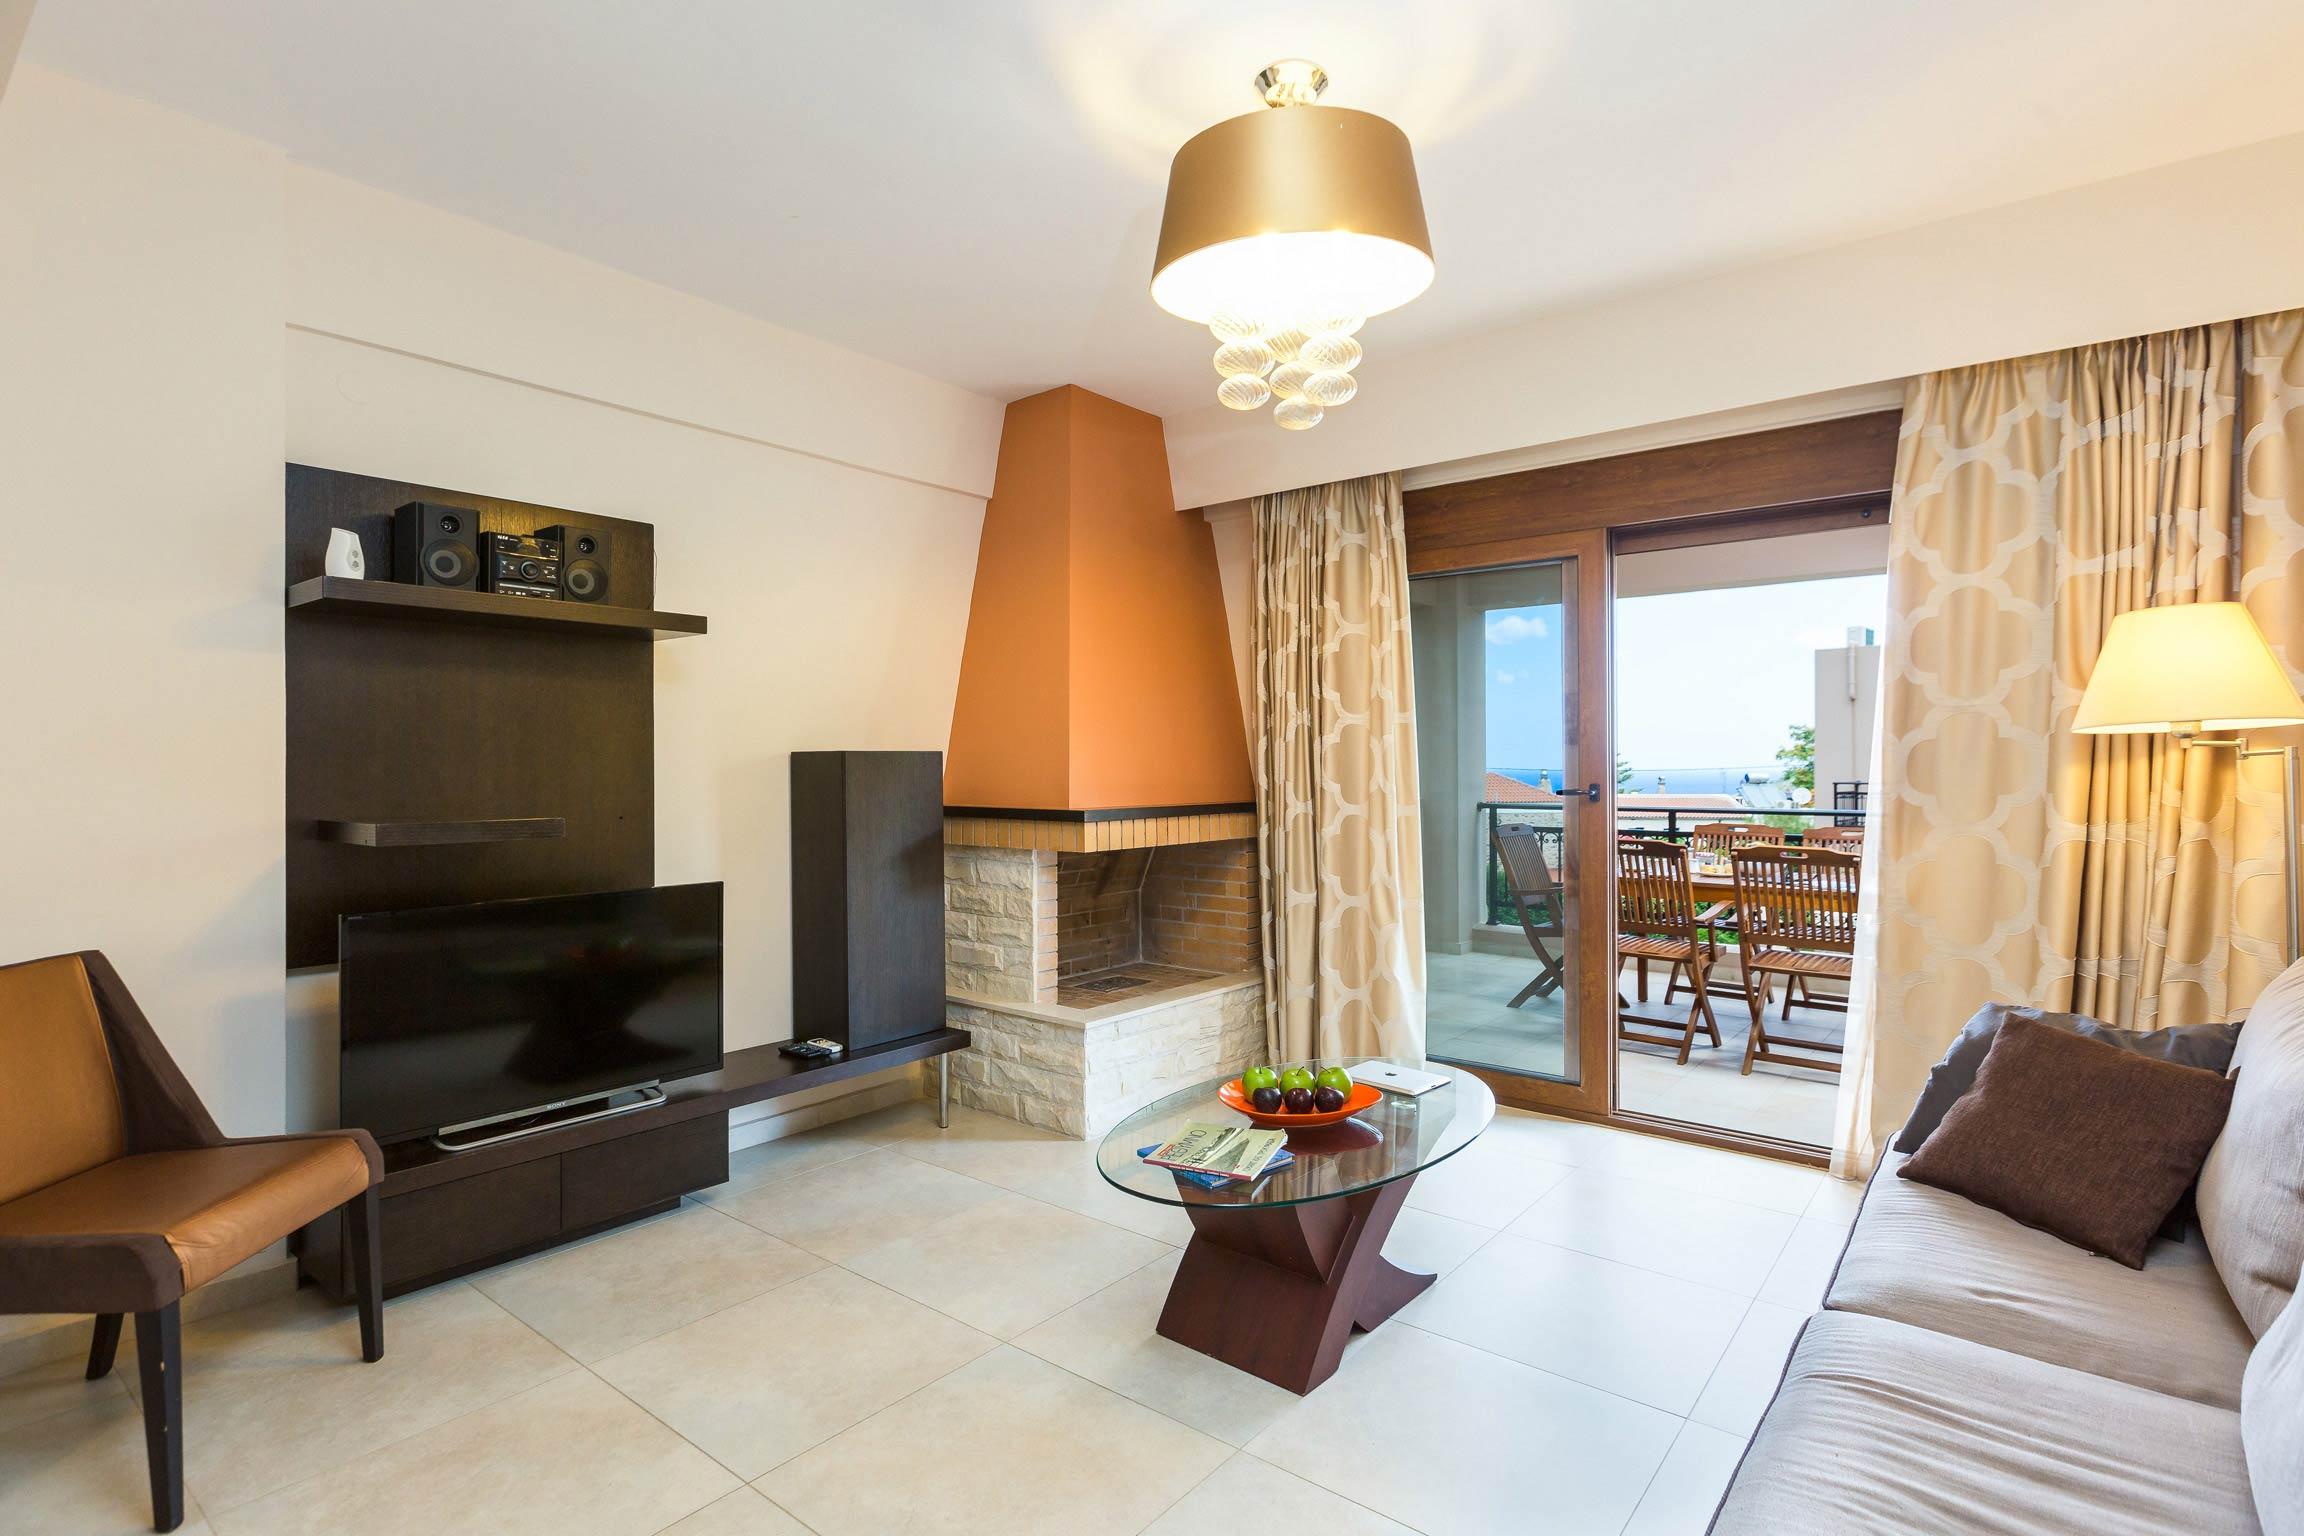 Ferienhaus Diese Villa auf zwei Ebenen ist der perfekte Ort, um in Rethymnon auf Kreta weh zu bleiben (2623387), Roumeli, Kreta Nordküste, Kreta, Griechenland, Bild 20